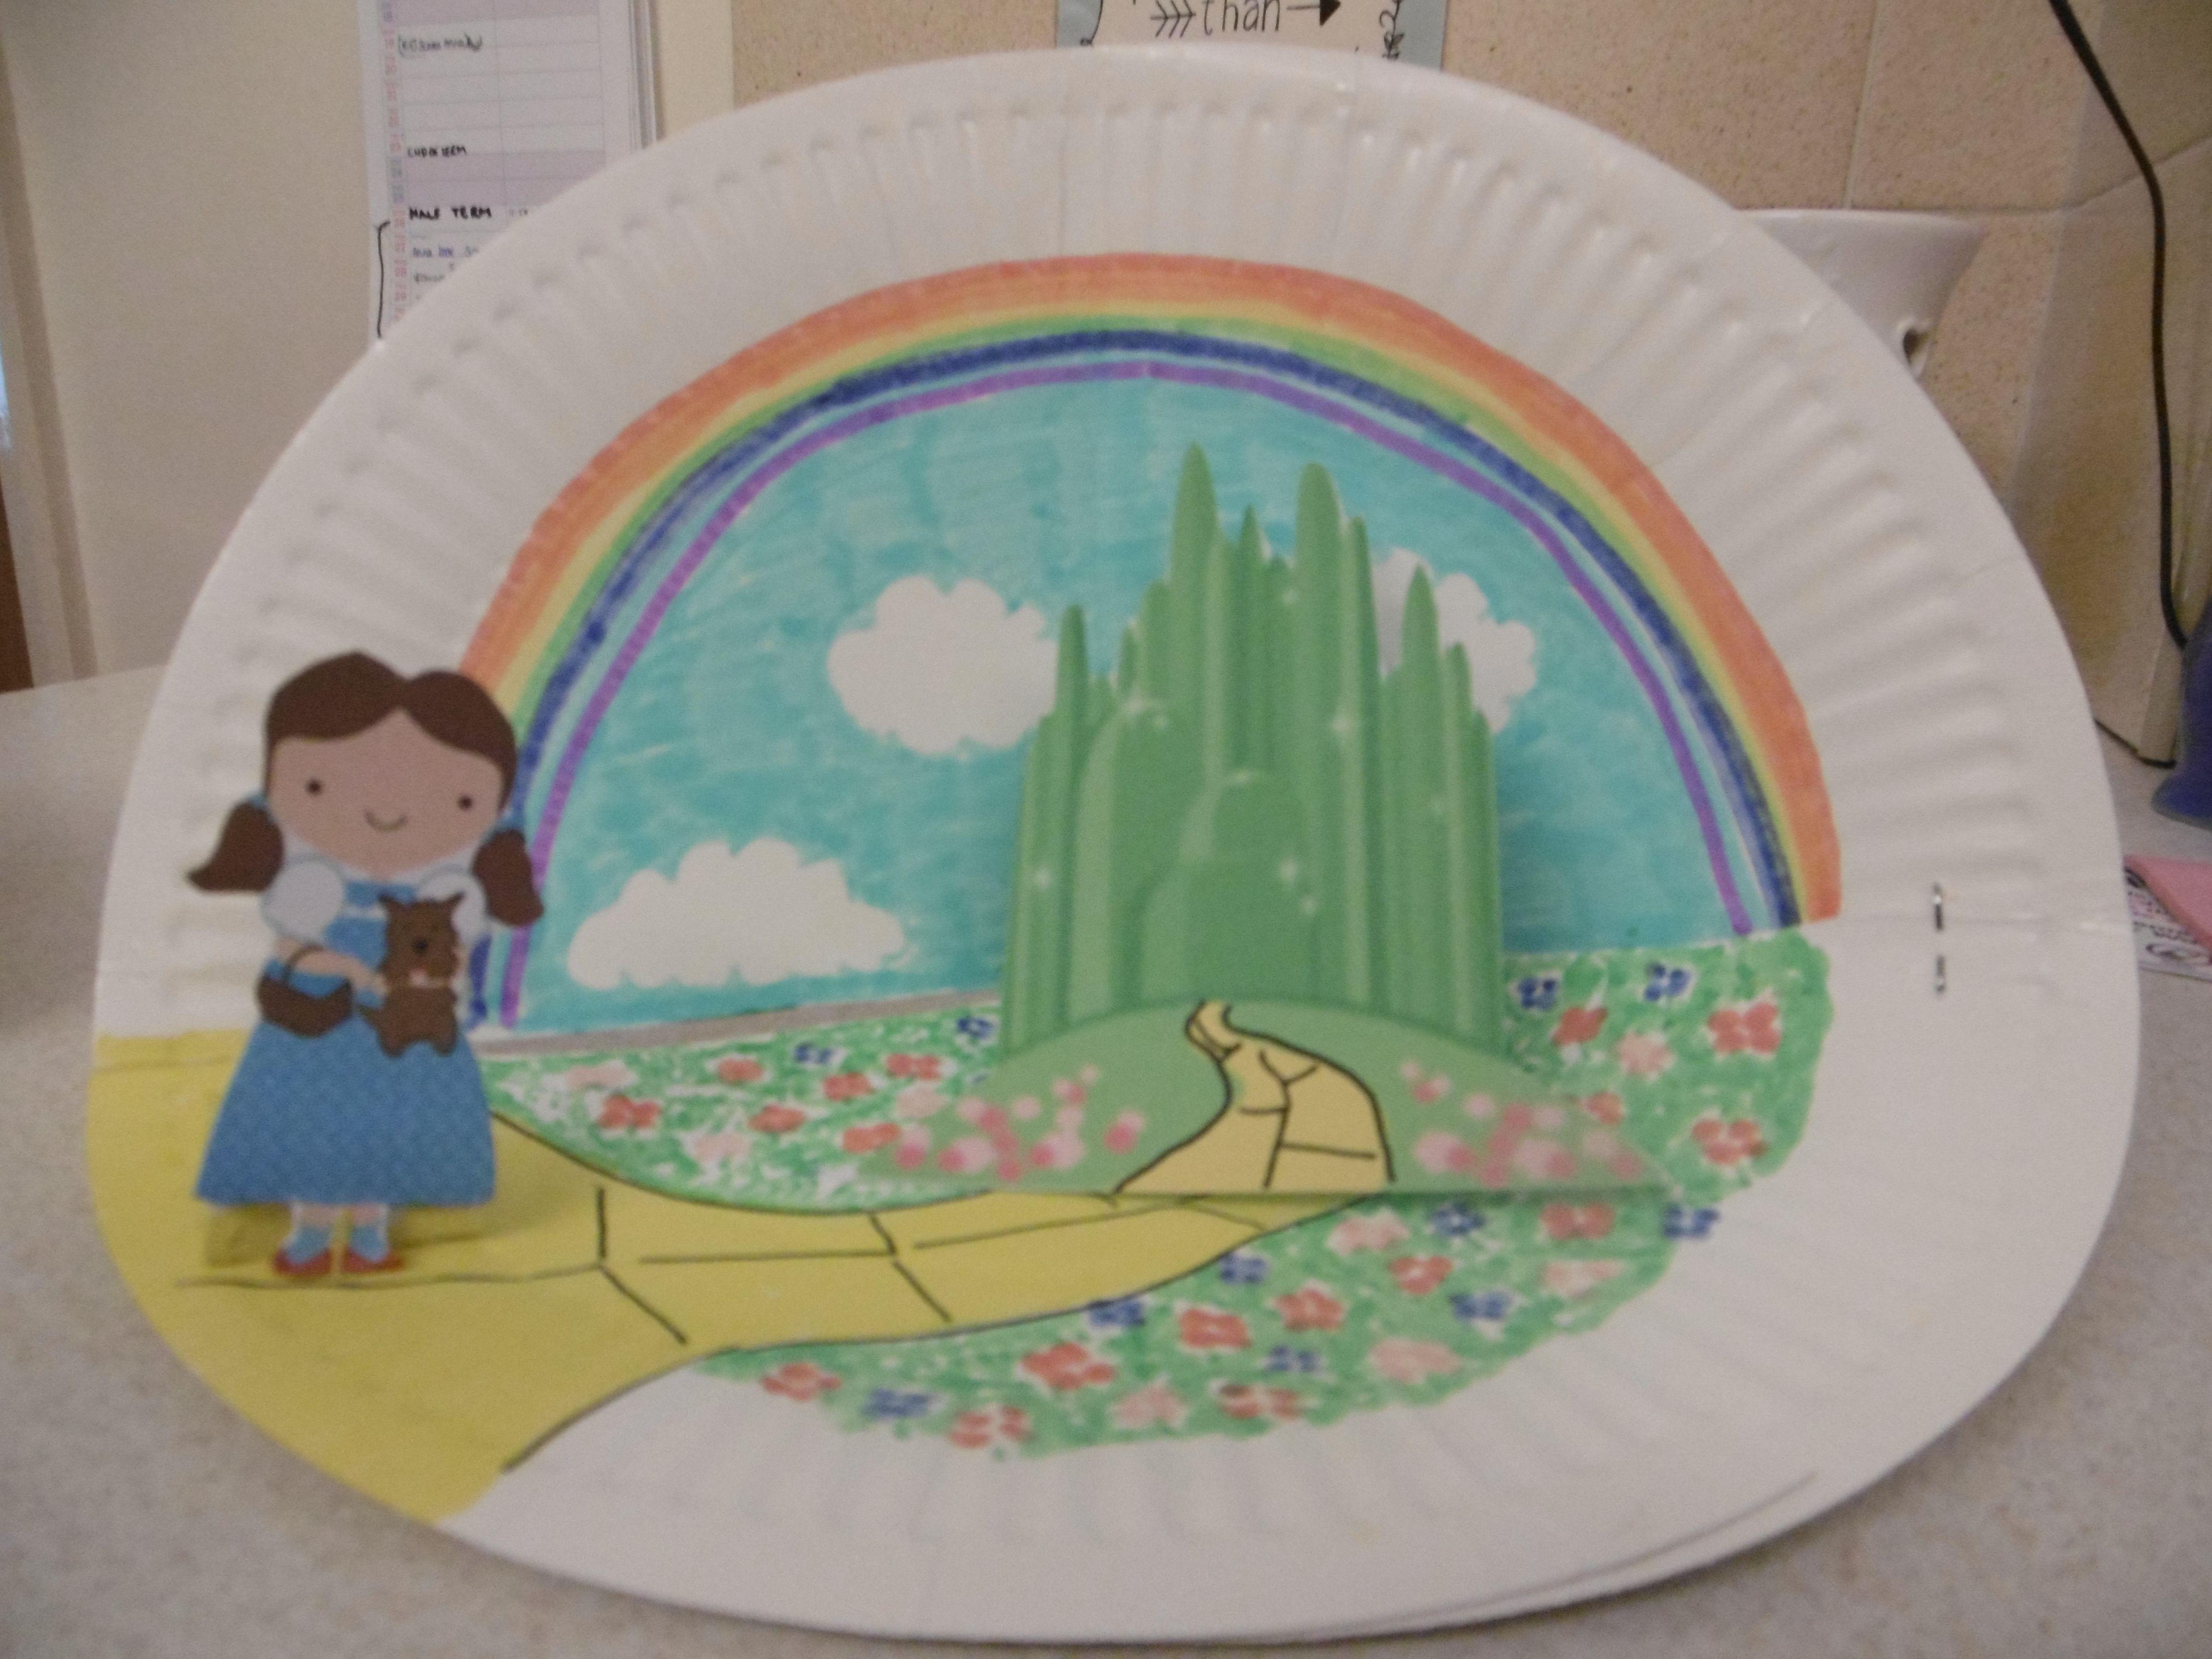 paper plate diorama of scene from a book- Wizard of Oz & paper plate diorama of scene from a book- Wizard of Oz | Children\u0027s ...